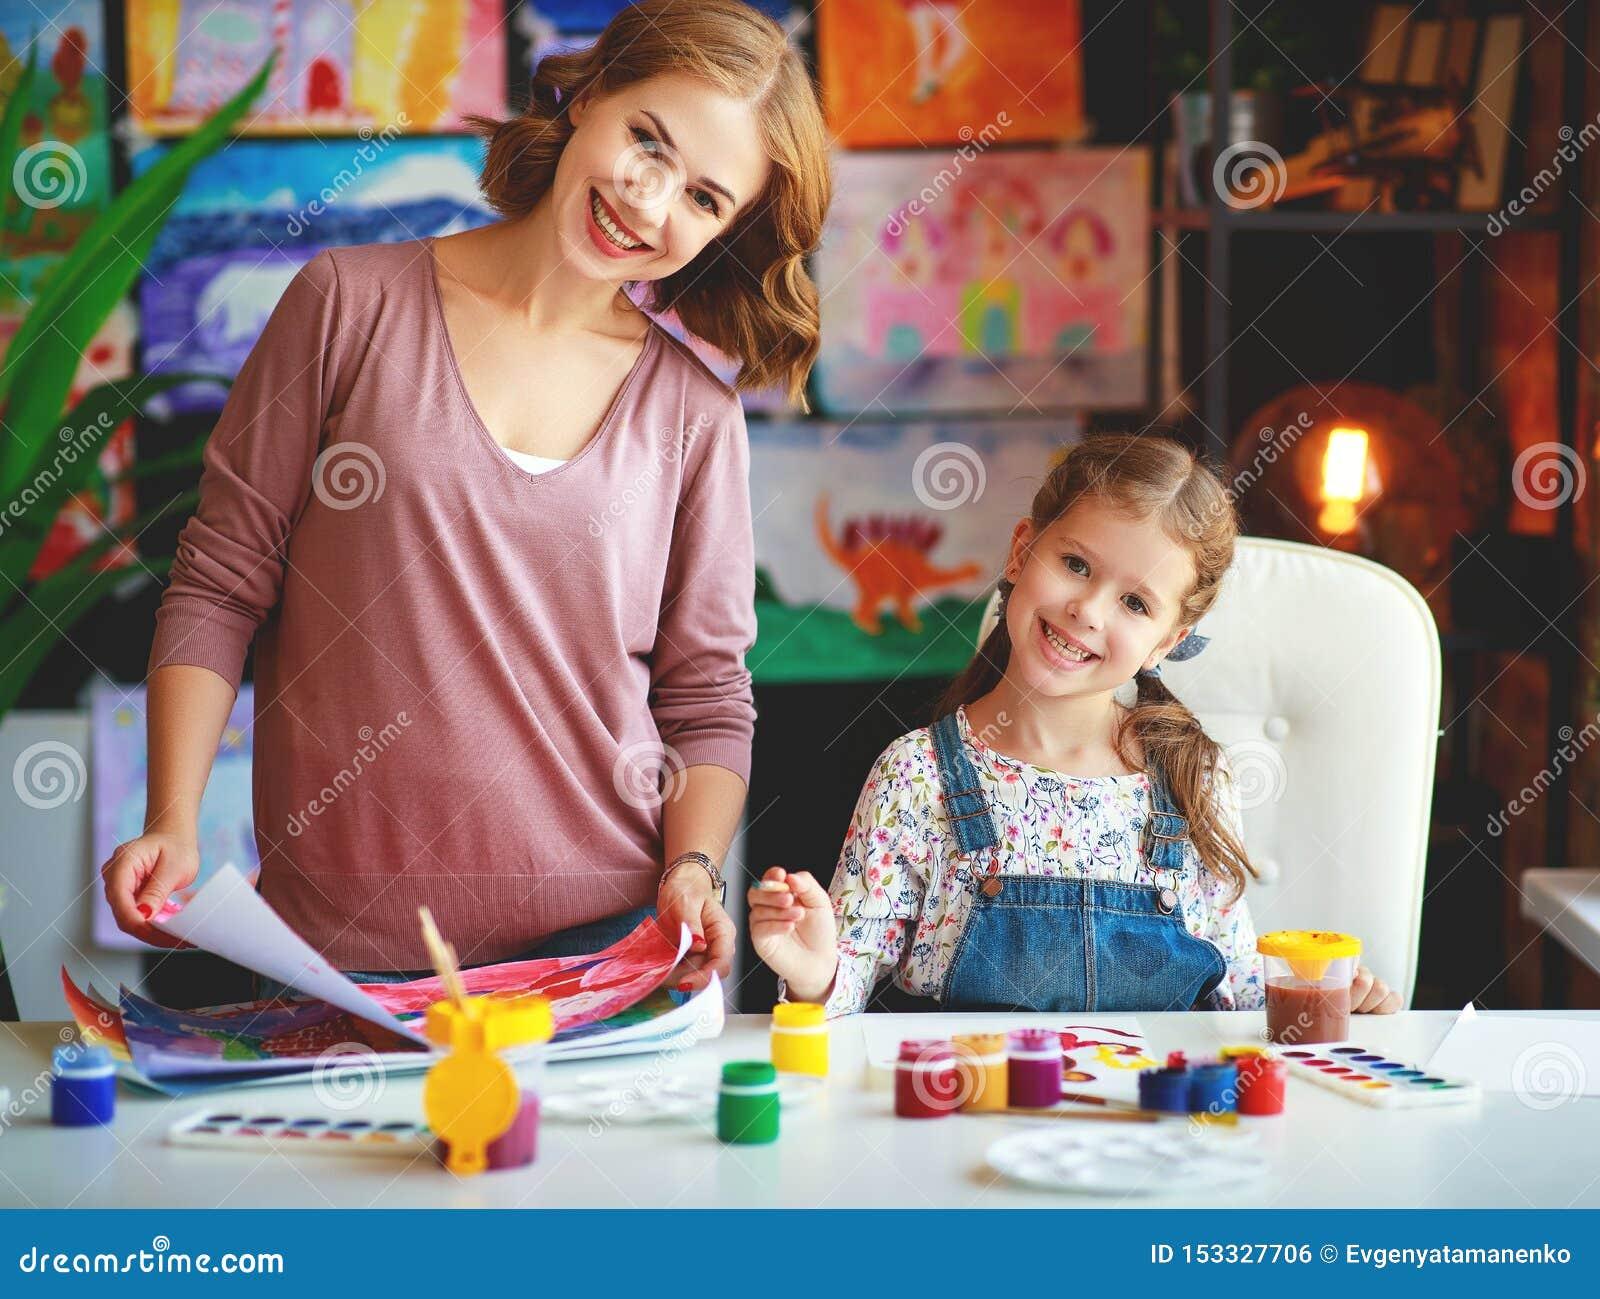 Картина дочери матери и ребенка рисует в творческих способностях в детском саде